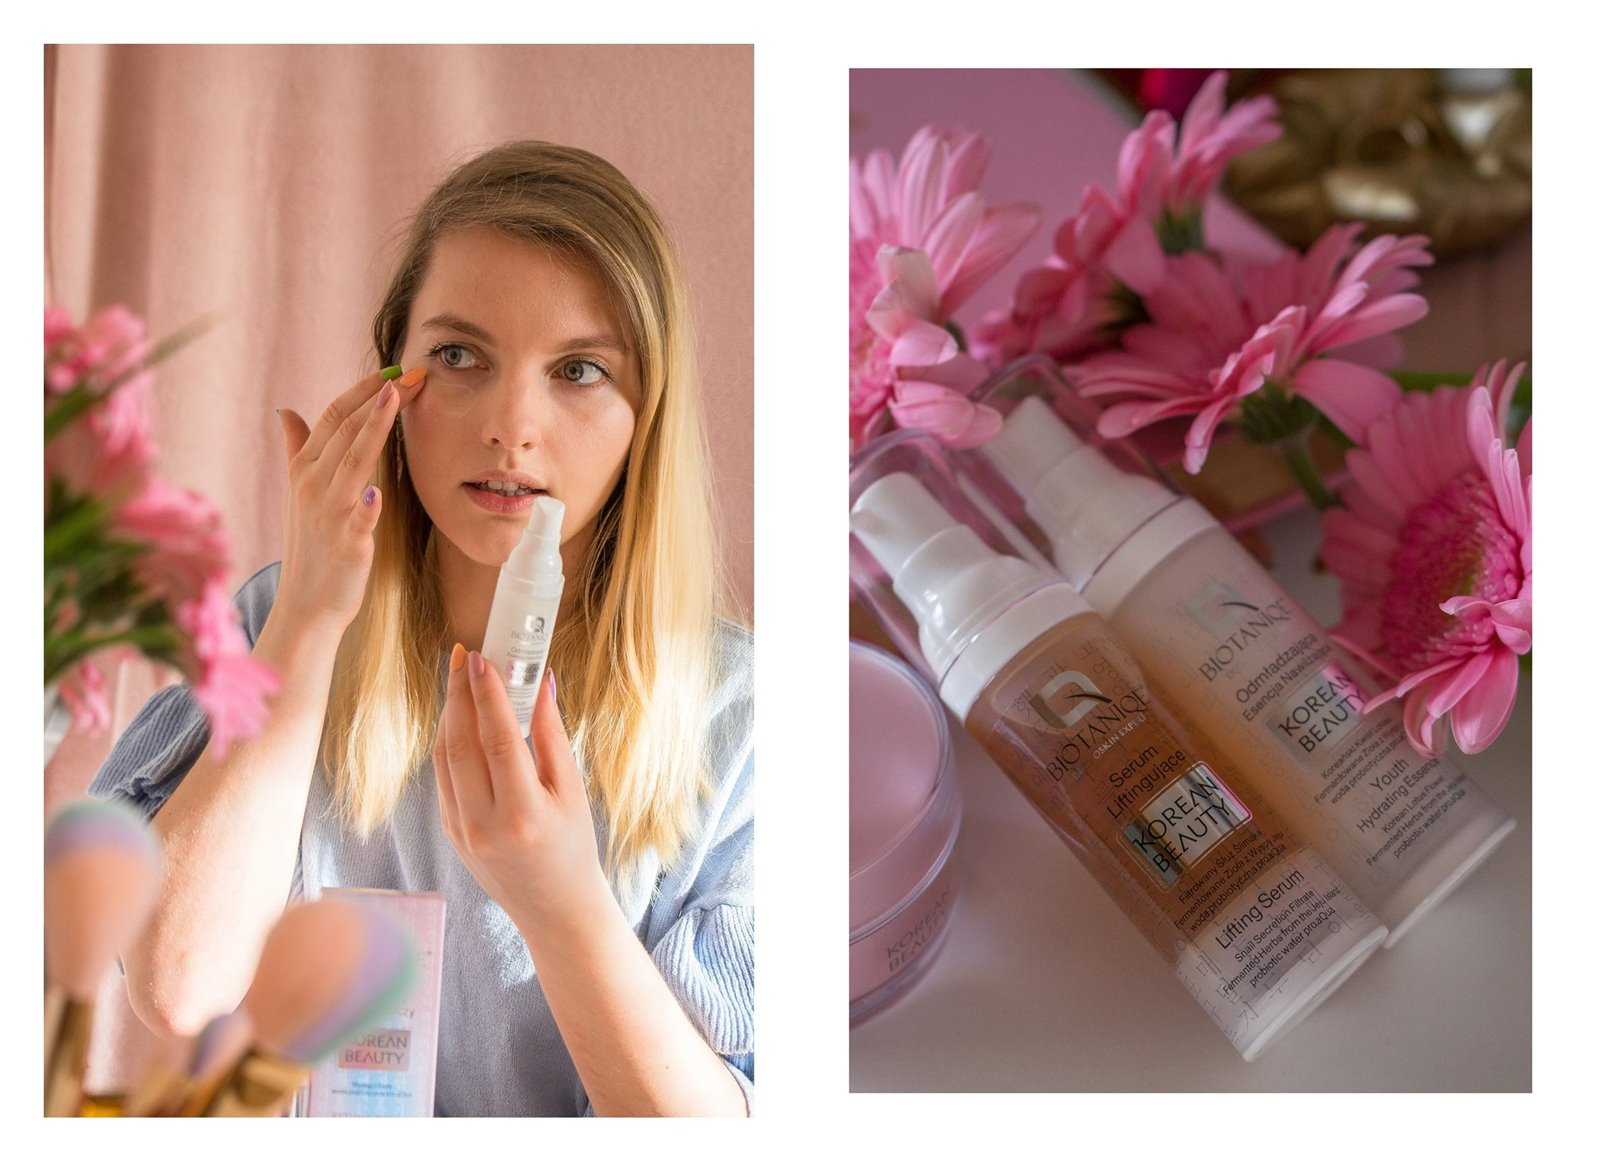 4A biotaniqe koreańska pielęgnacja krok po kroku w jakiej kolejności nakładać kosmetyki jak dbać o cerę koreańskie kosmetyki kremy serum maski korean beauty instagram melodylaniella łódzka blogerka lifestyle